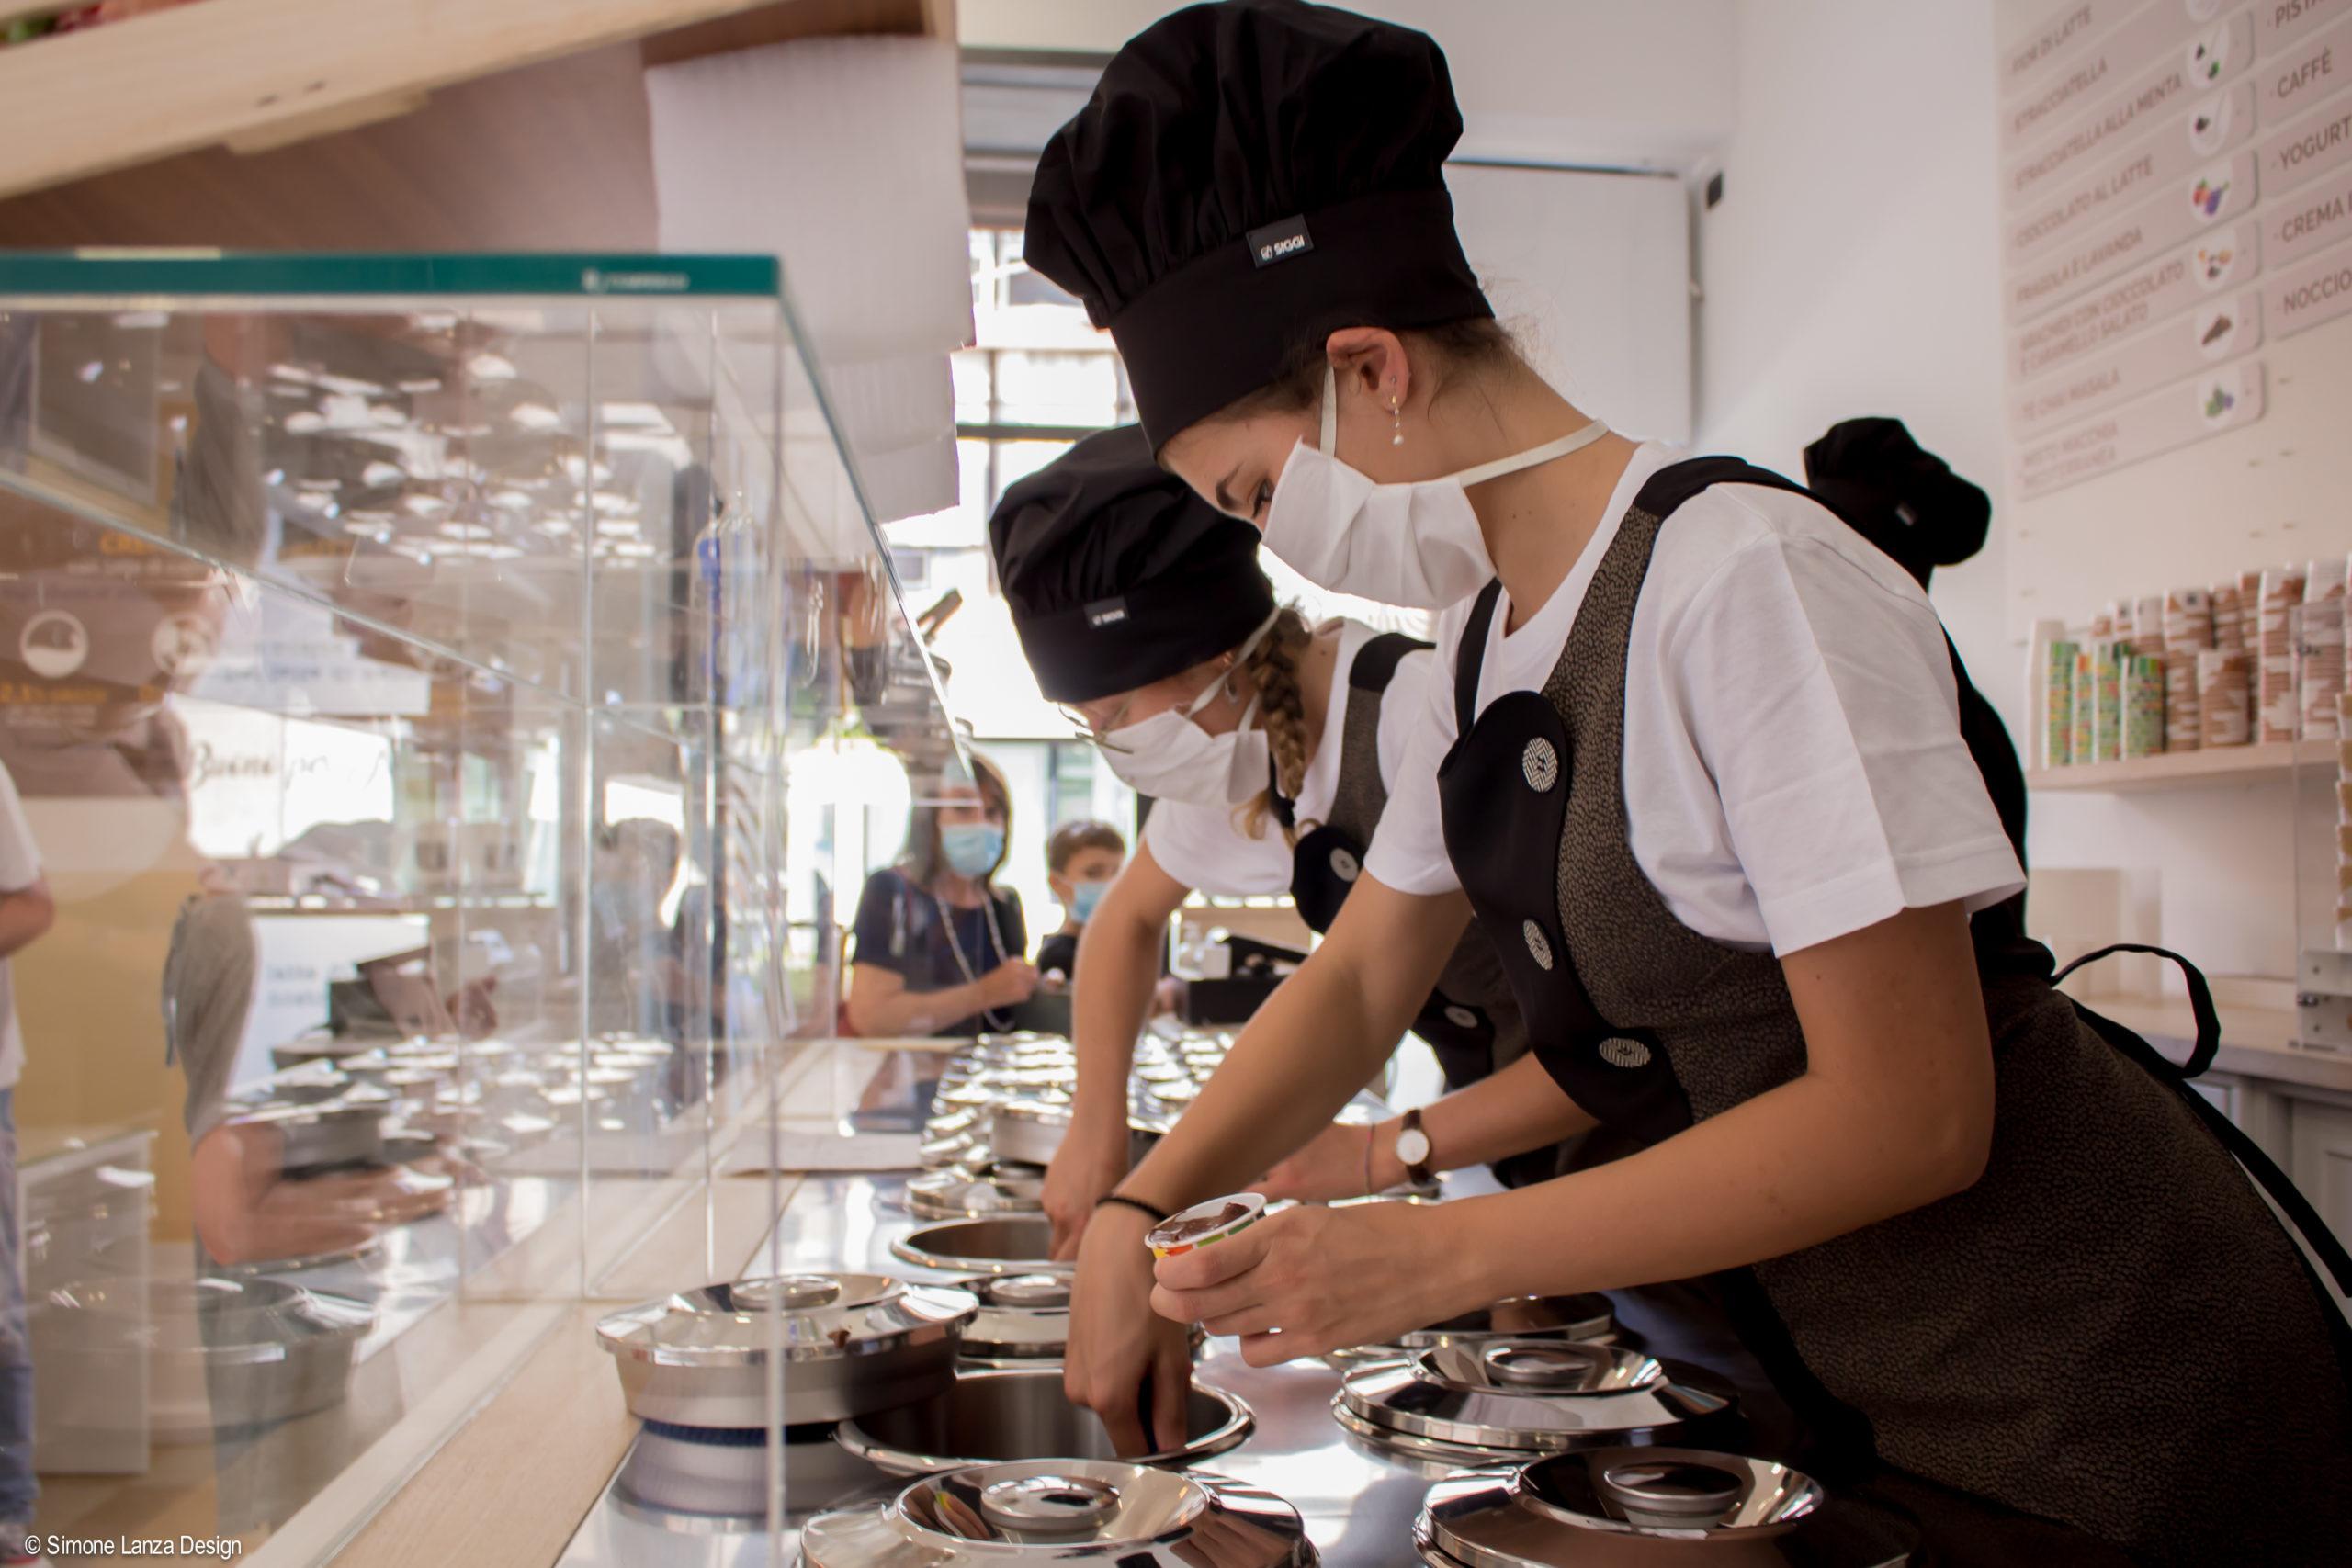 Le ragazze di Terra e Cuore in divisa preparano delle coppette di gelato